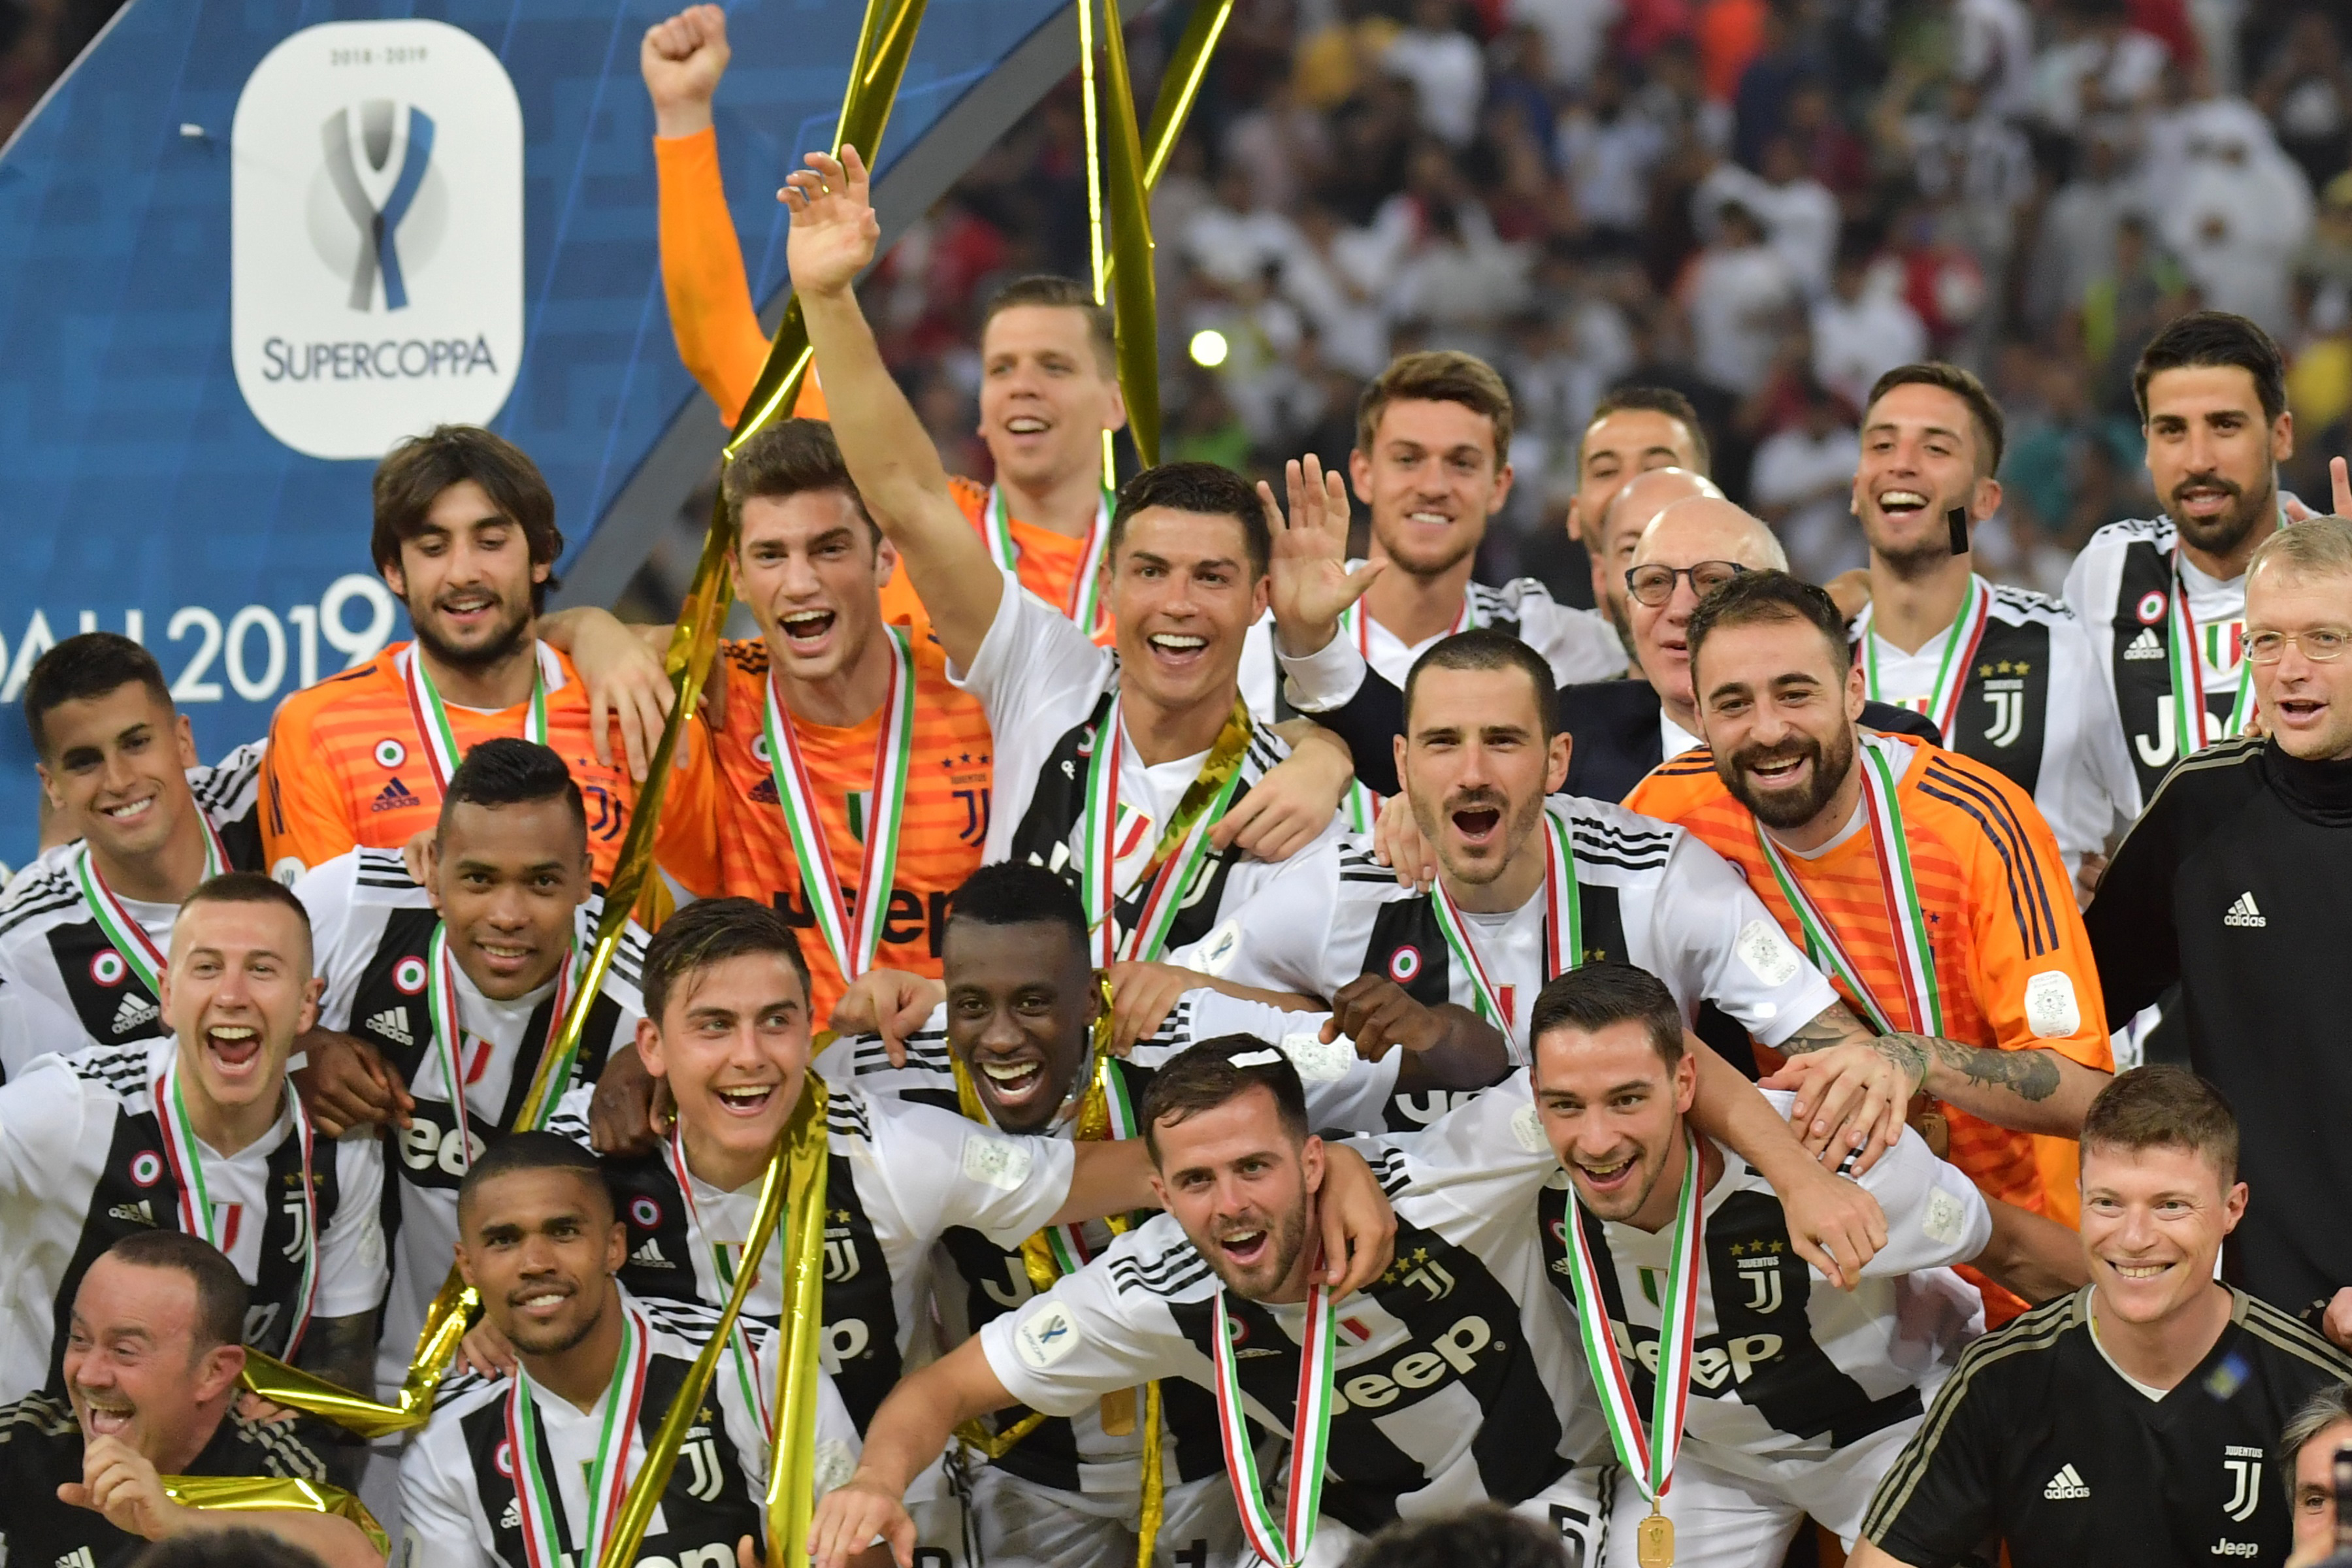 Con un gol de Cristiano Ronaldo la Juventus de Turín ganó el título de la Supercopa de Italia. (Foto Prensa Libre: AFP)